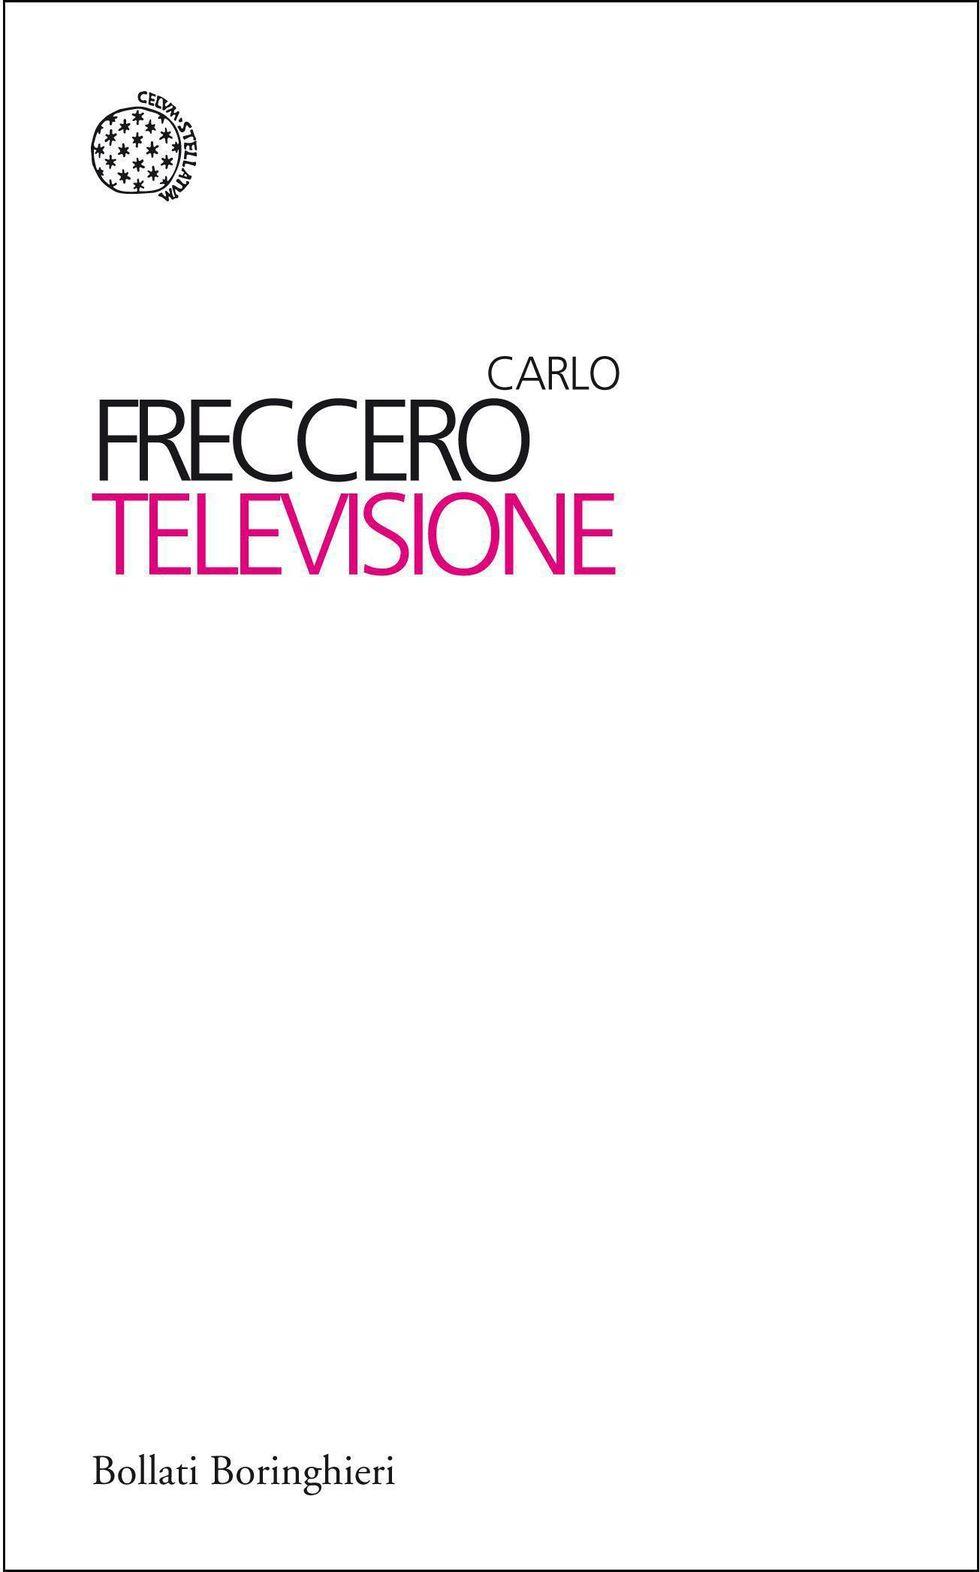 Televisione, di Carlo Freccero